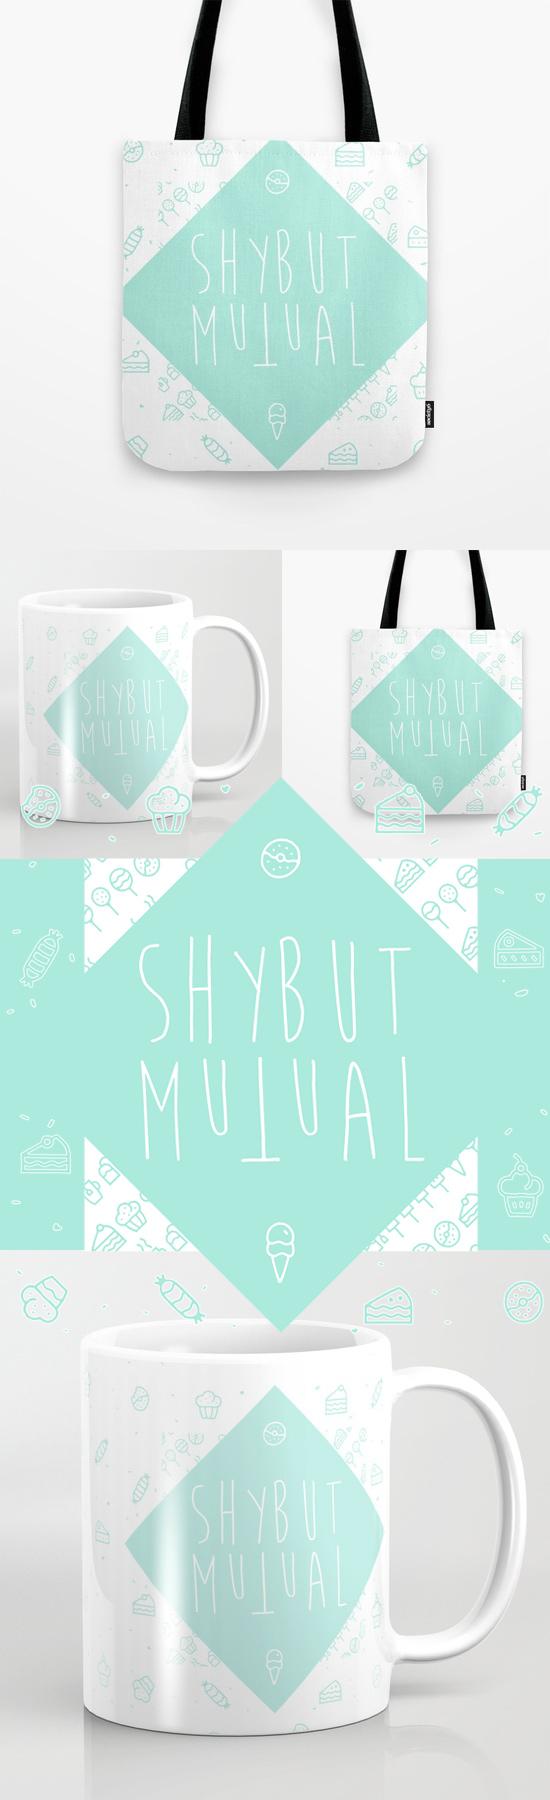 shybutmutual-post-01